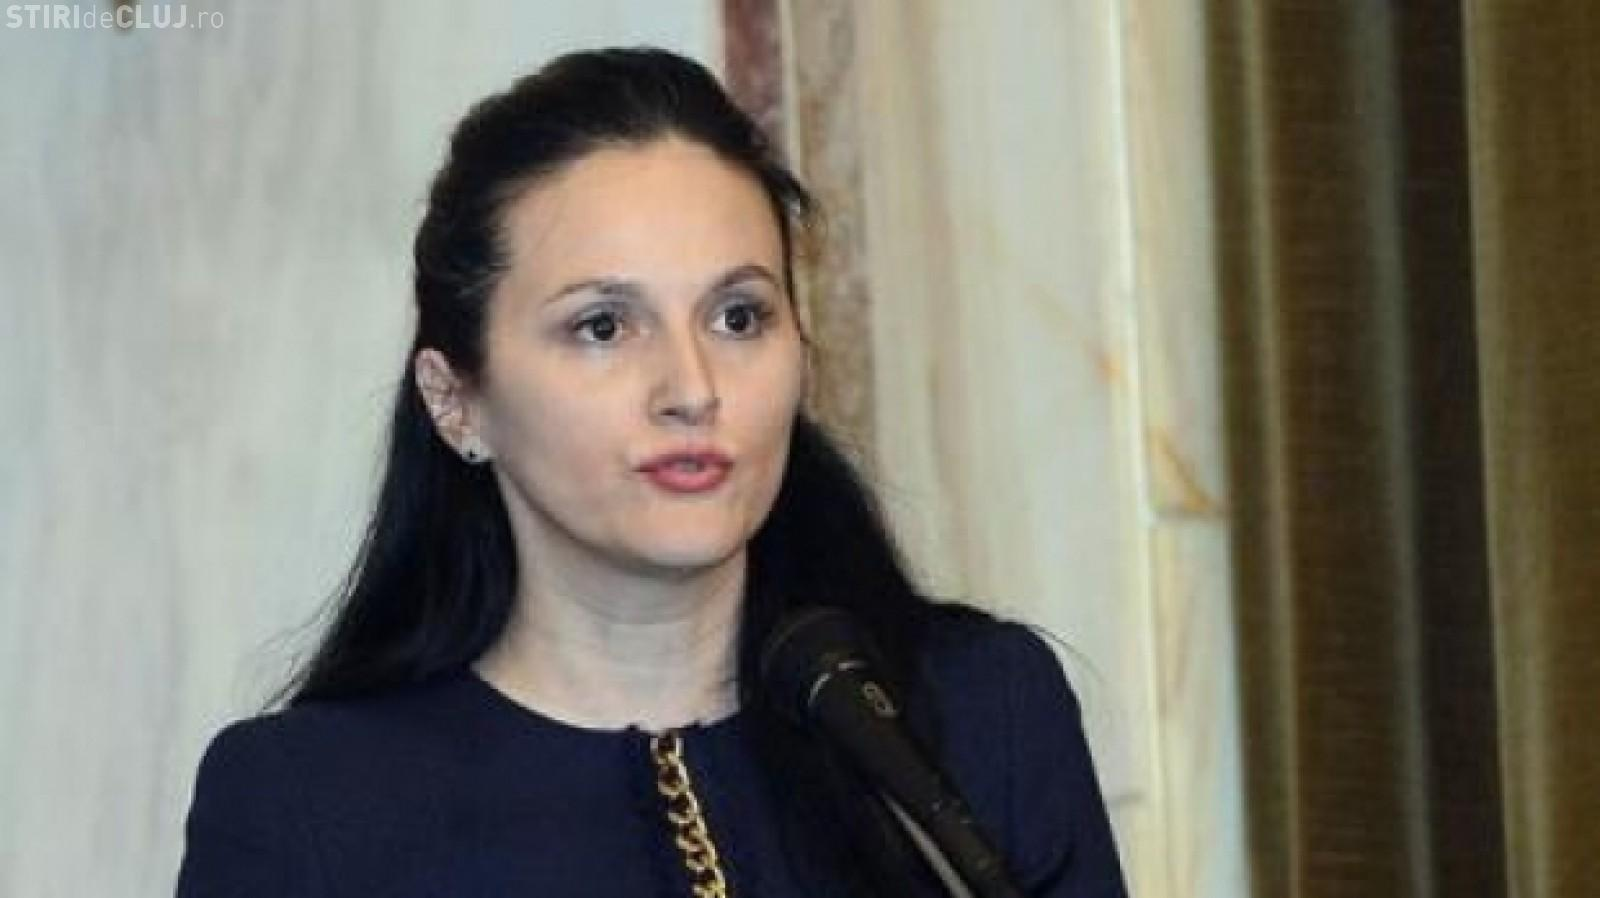 Fosta șefă DIICOT, condamnată la patru ani de închisoare cu executare! Adriean Videanu a fost achitat